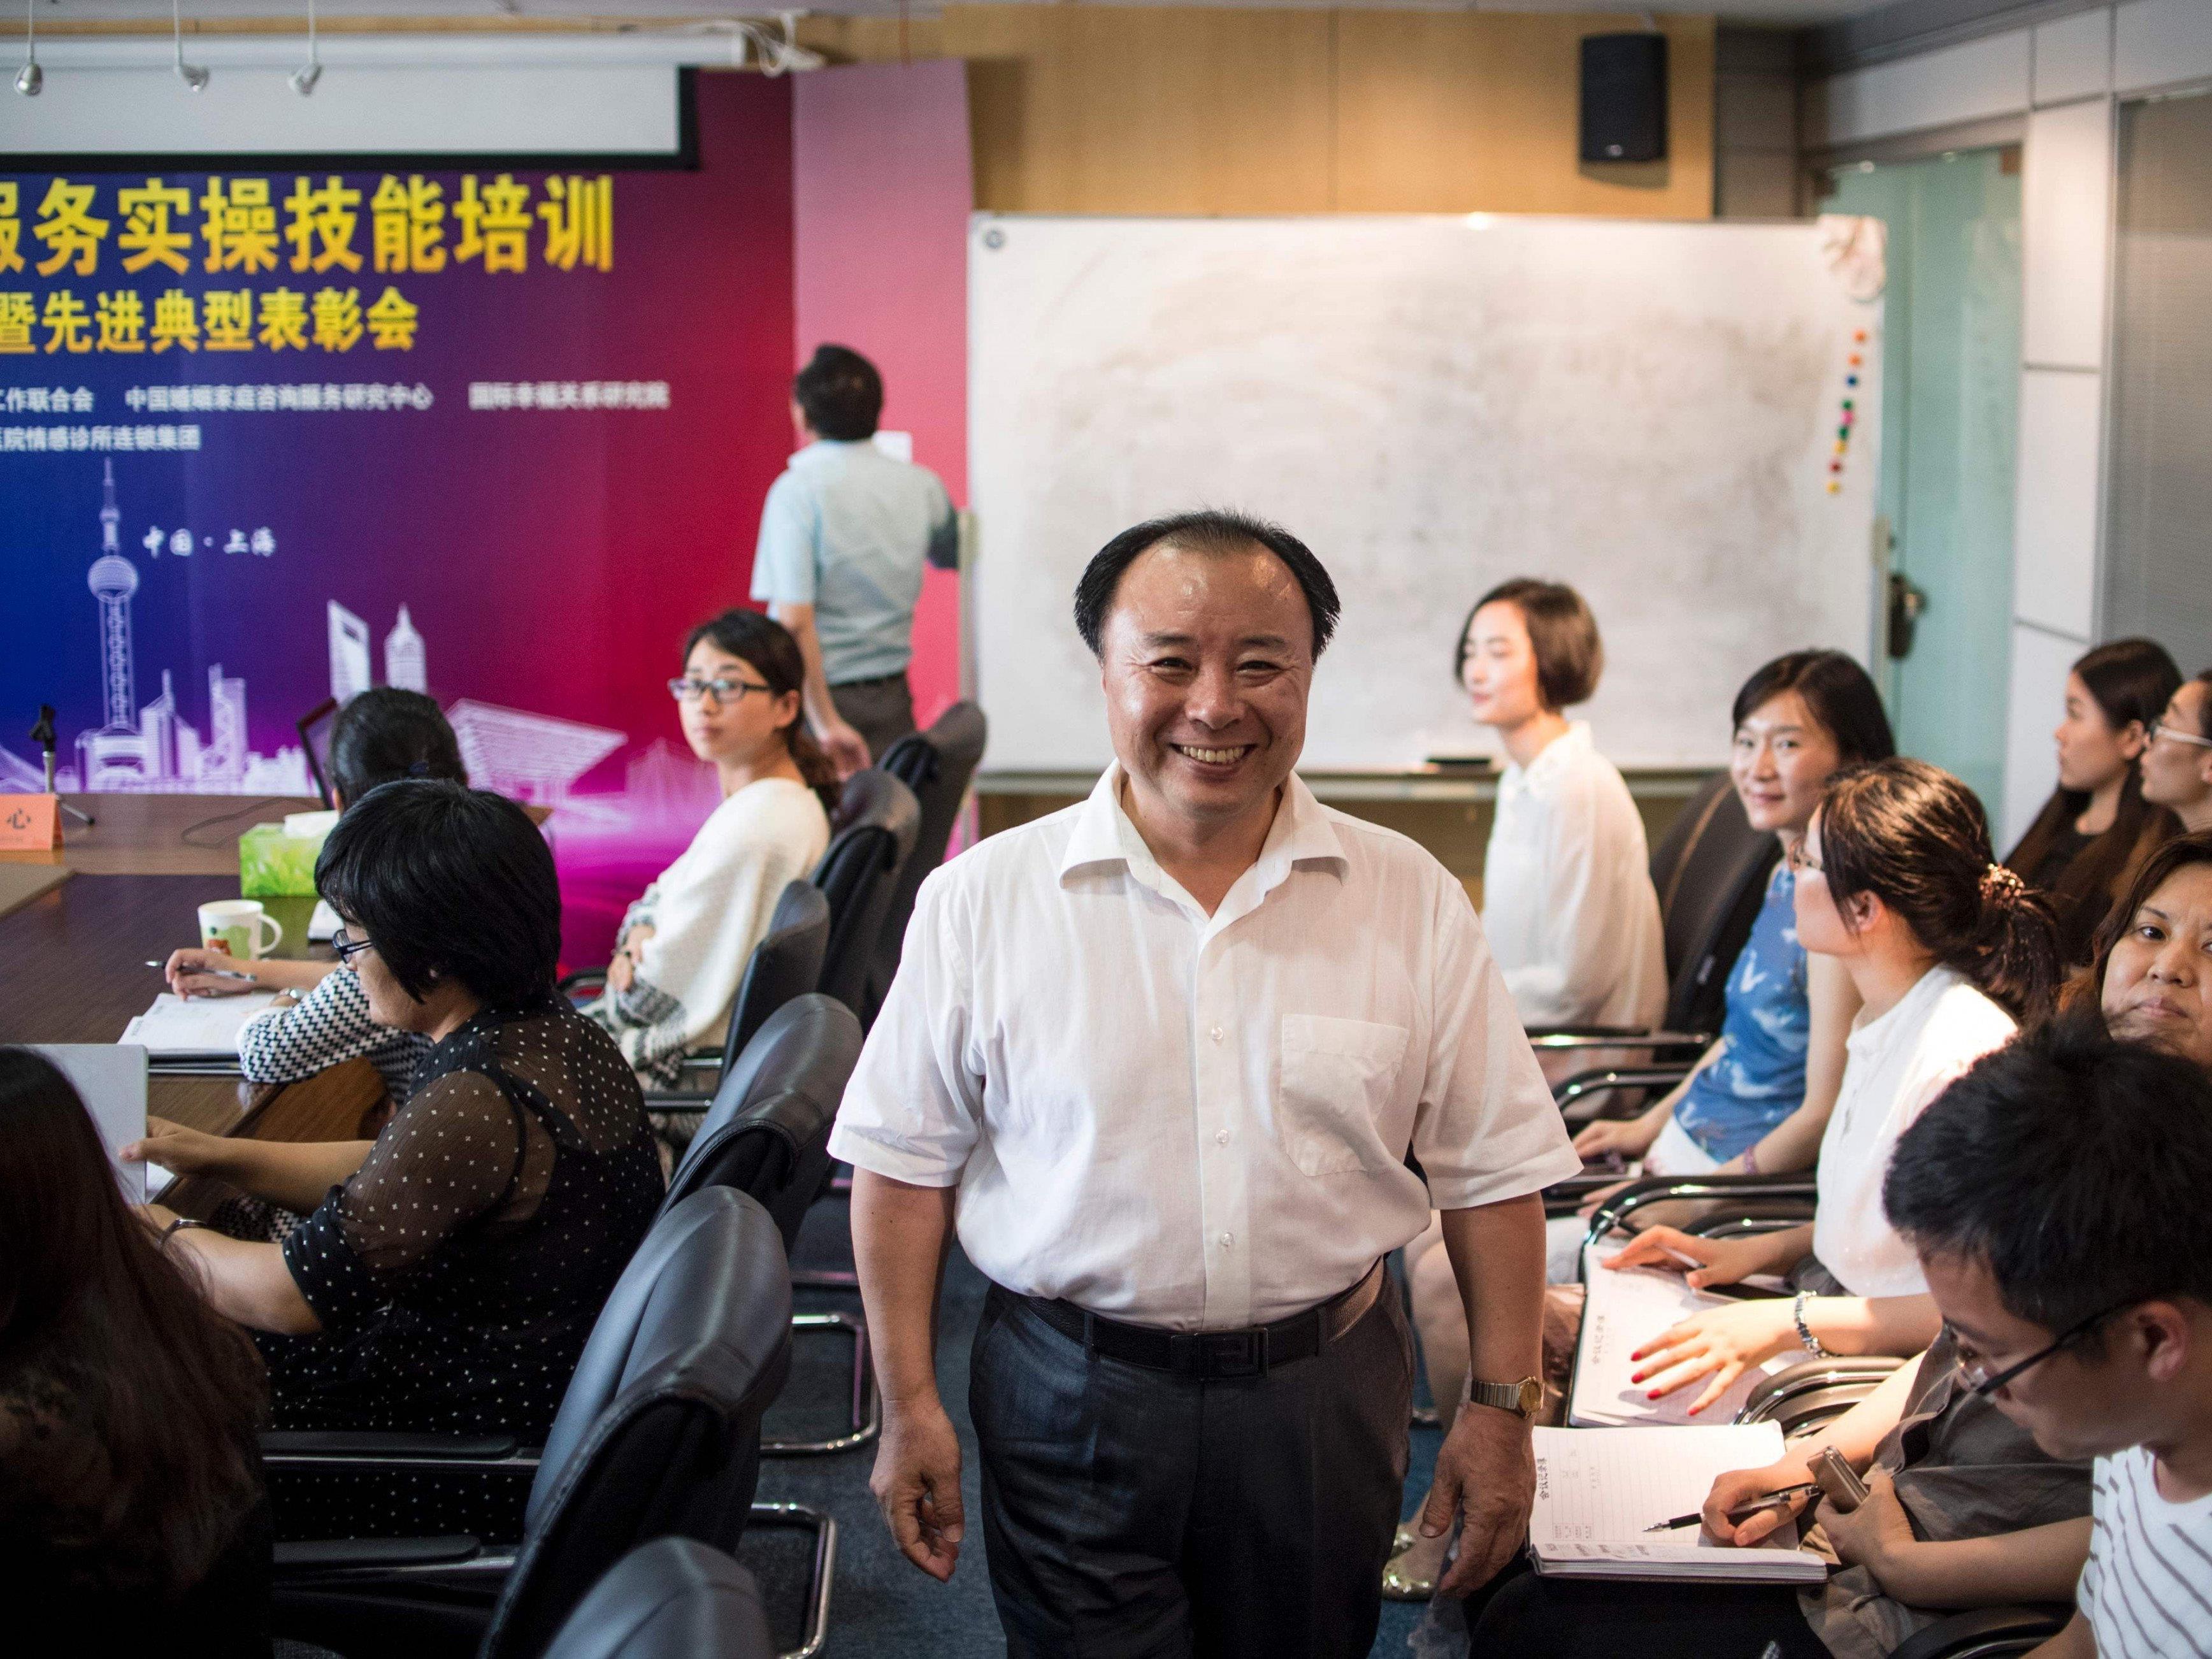 Shu Xin, der Geschäftsführer der Agentur Weiqing.